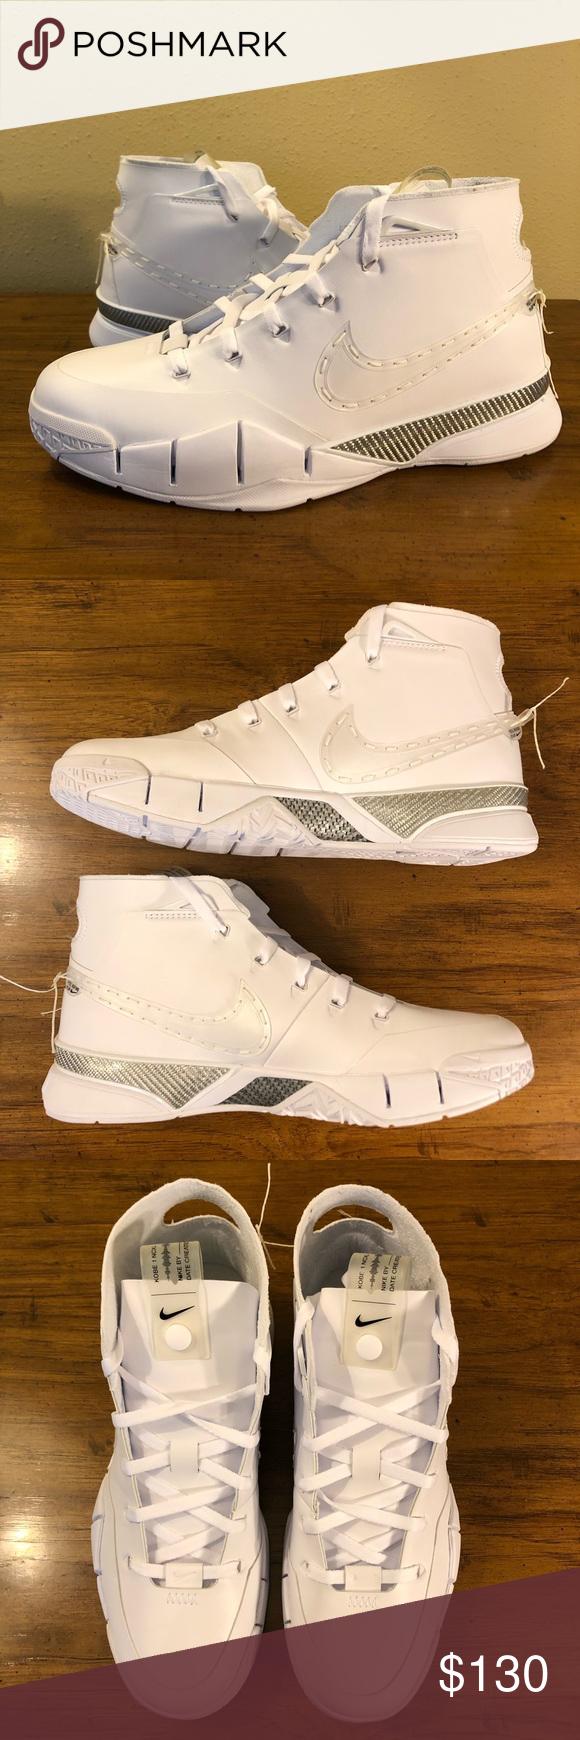 Nike Kobe 1 Protro Noise Cancelling